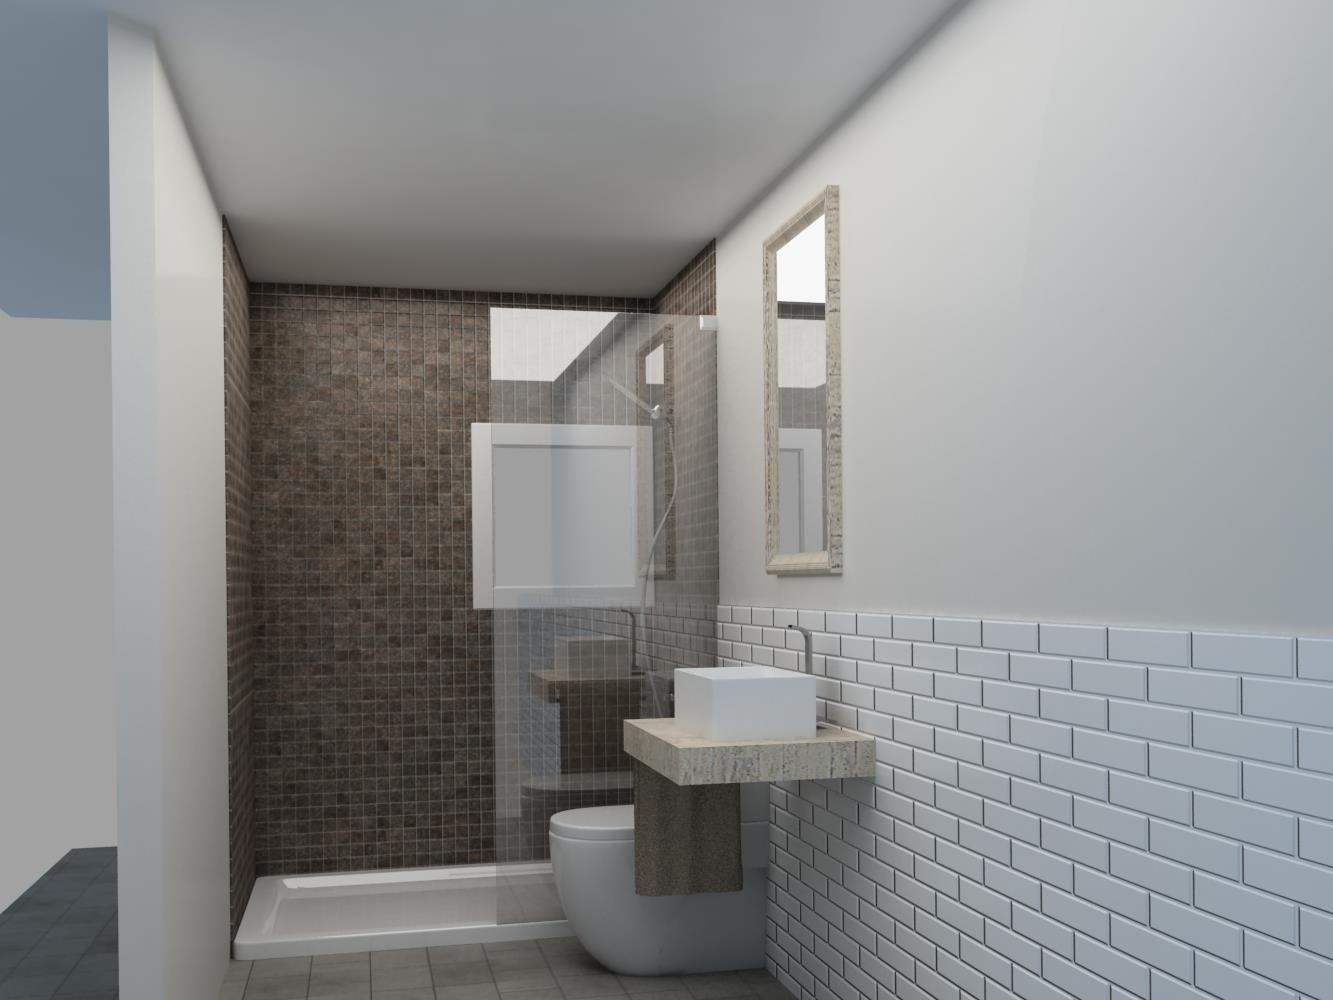 baños de diseño #decoracion #reforma #interiorismo #hogar #lavabos ...